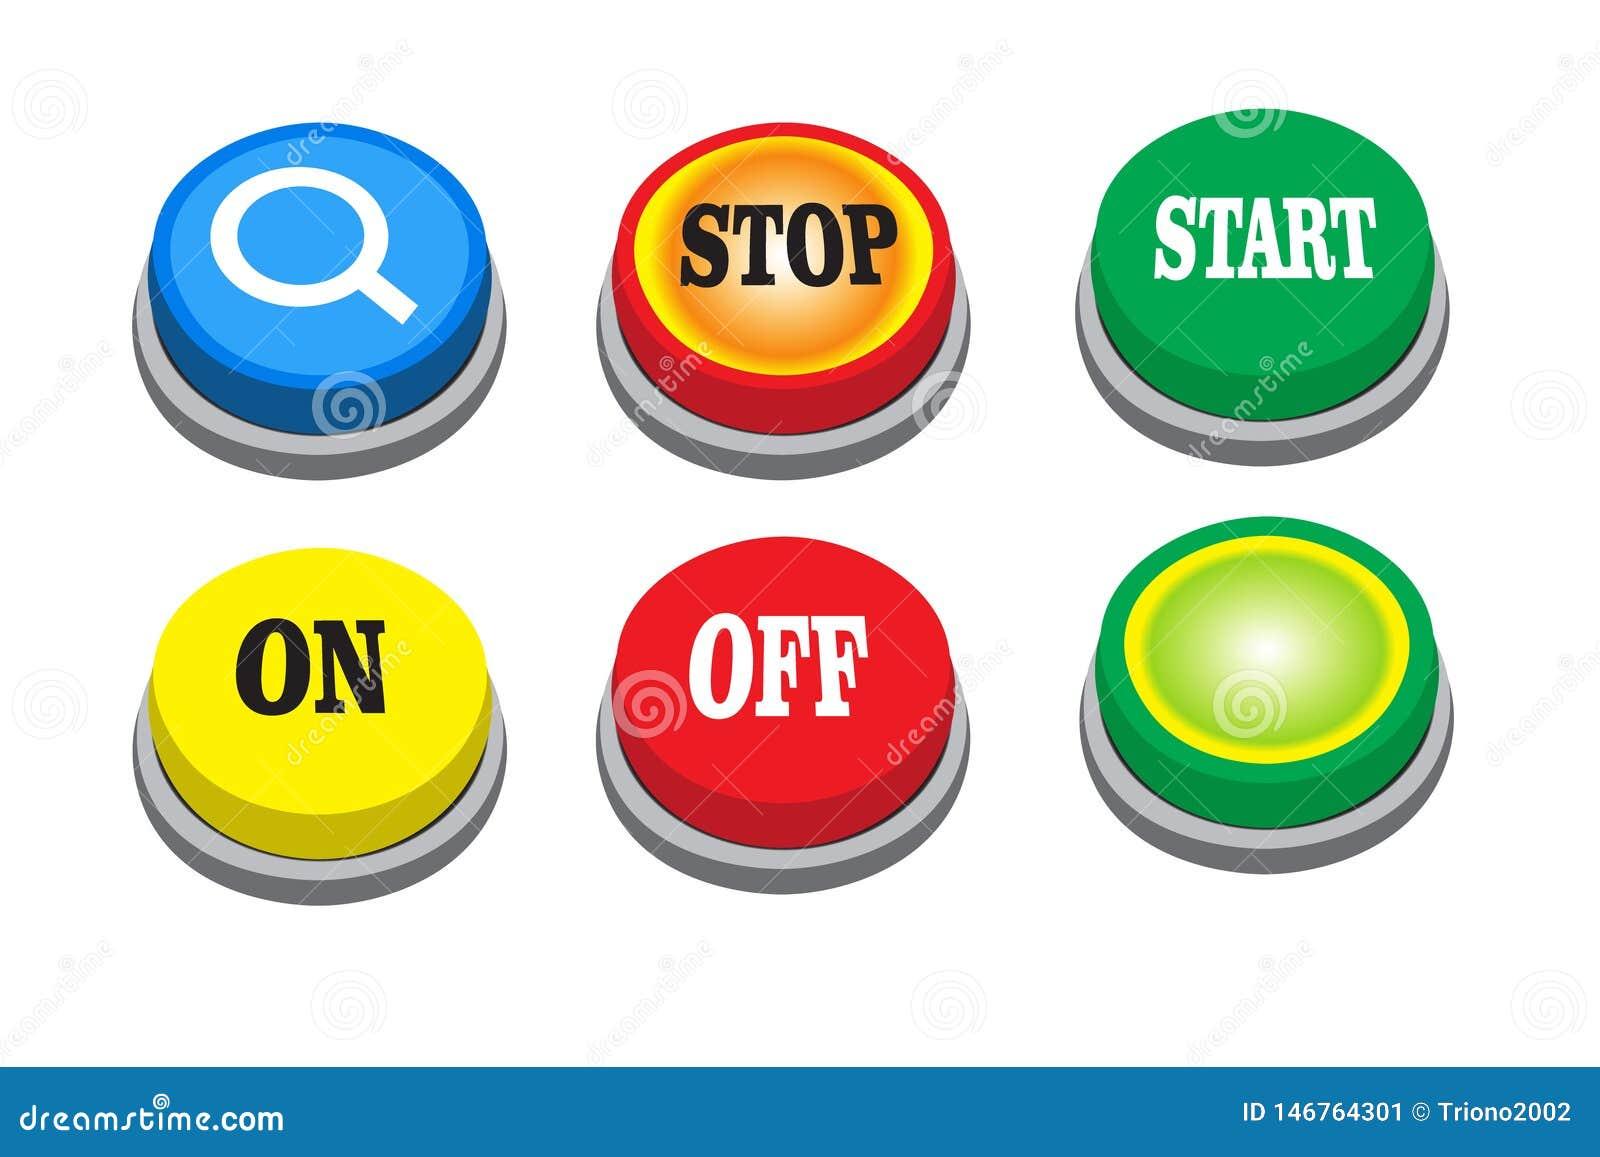 Διανυσματικό κουμπί αναζήτησης, στάση, έναρξη, επάνω, μακριά και πράσινο κουμπί